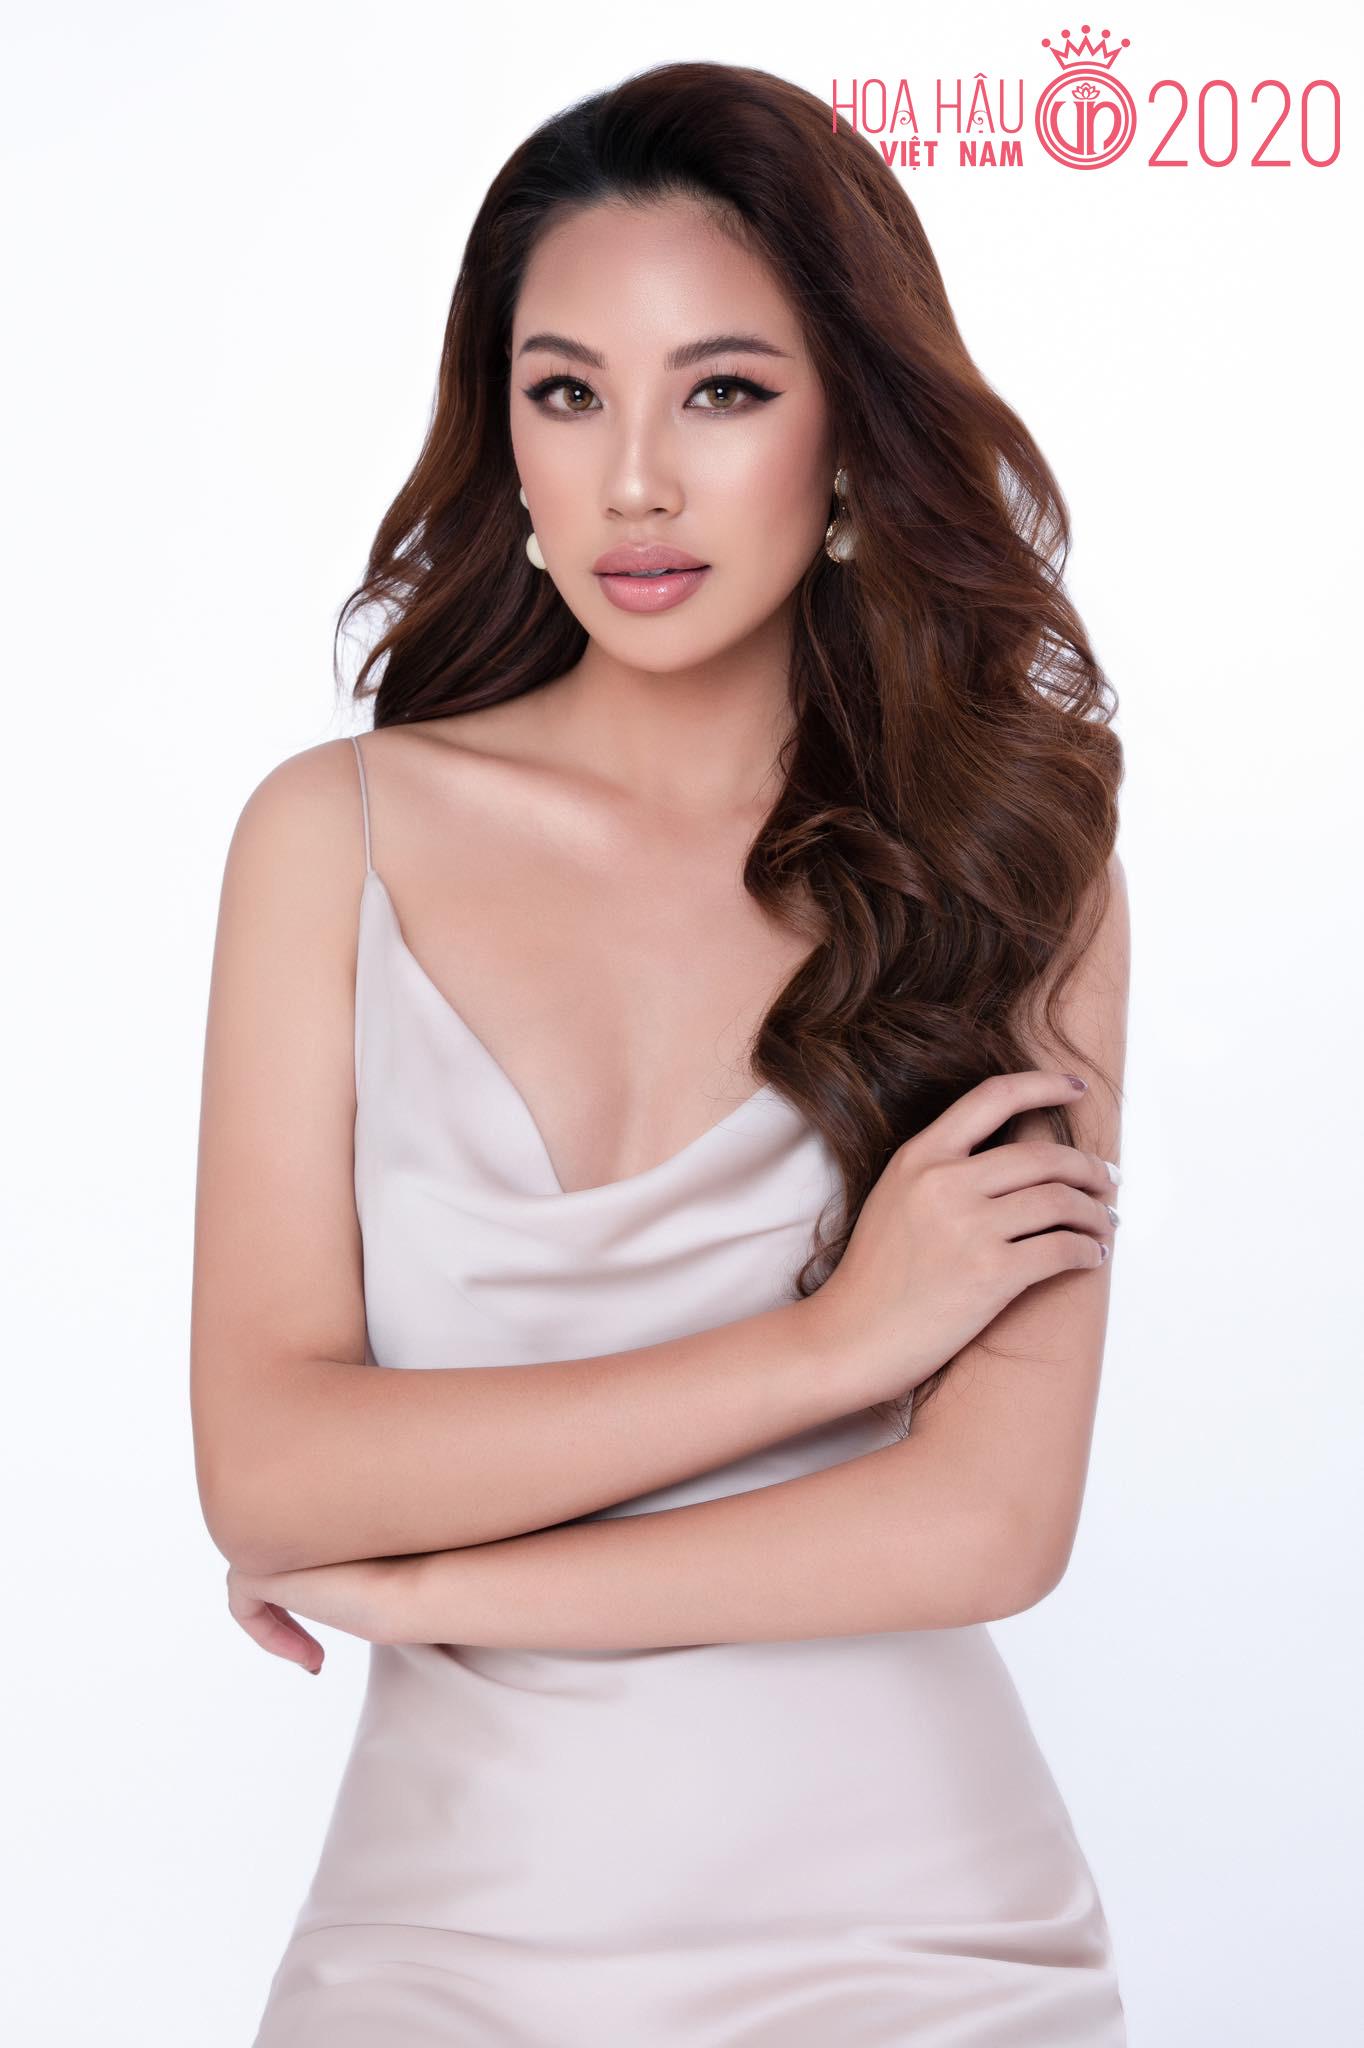 Mỹ nữ Đà Lạt 20 tuổi thi Hoa hậu Việt Nam sở hữu đôi chân dài miên man - 3